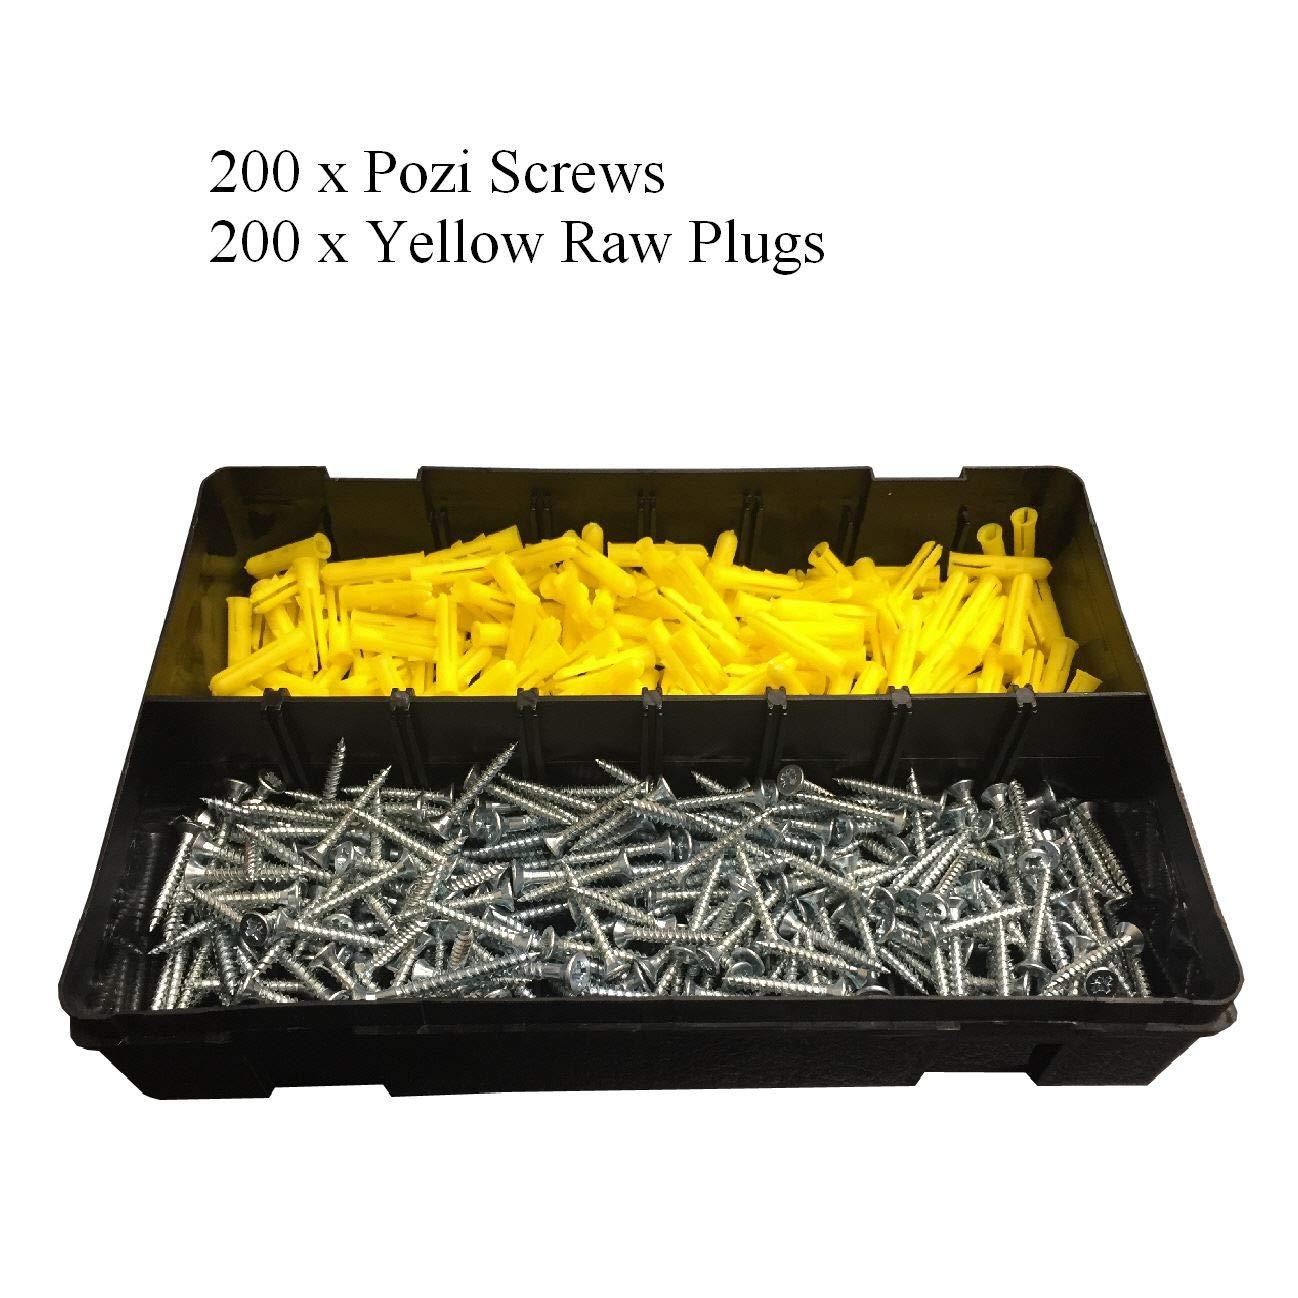 400 x Pozi Screws & Yellow Raw Fixing Plugs, Twin Thread 6 x 1'' Countersunk